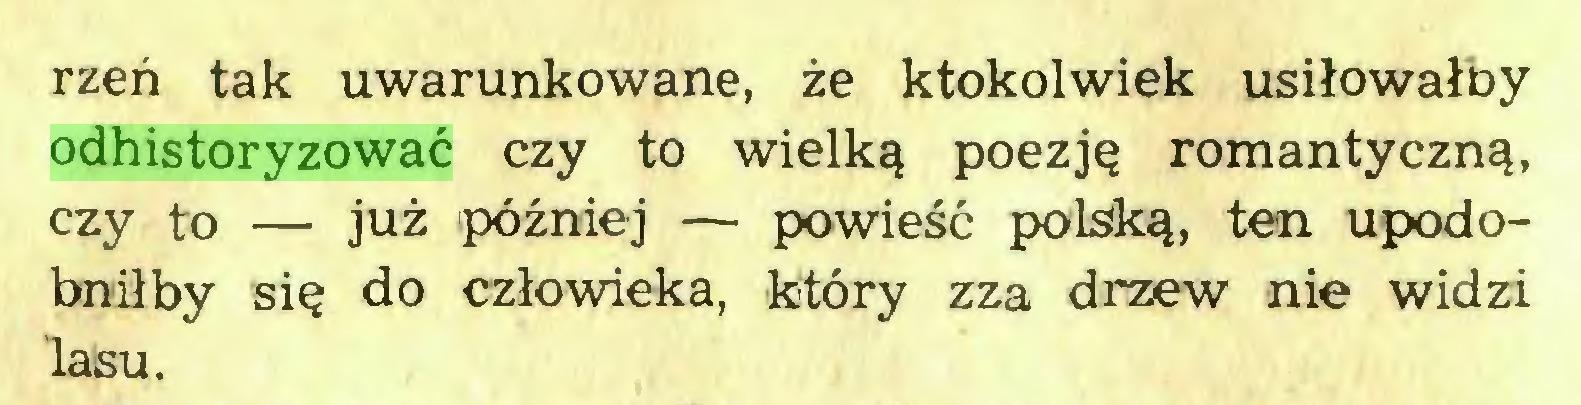 (...) rżeń tak uwarunkowane, że ktokolwiek usiłowałby odhistoryzować czy to wielką poezję romantyczną, czy to — już później — powieść polską, ten upodobniłby się do człowieka, który zza drzew nie widzi lasu...